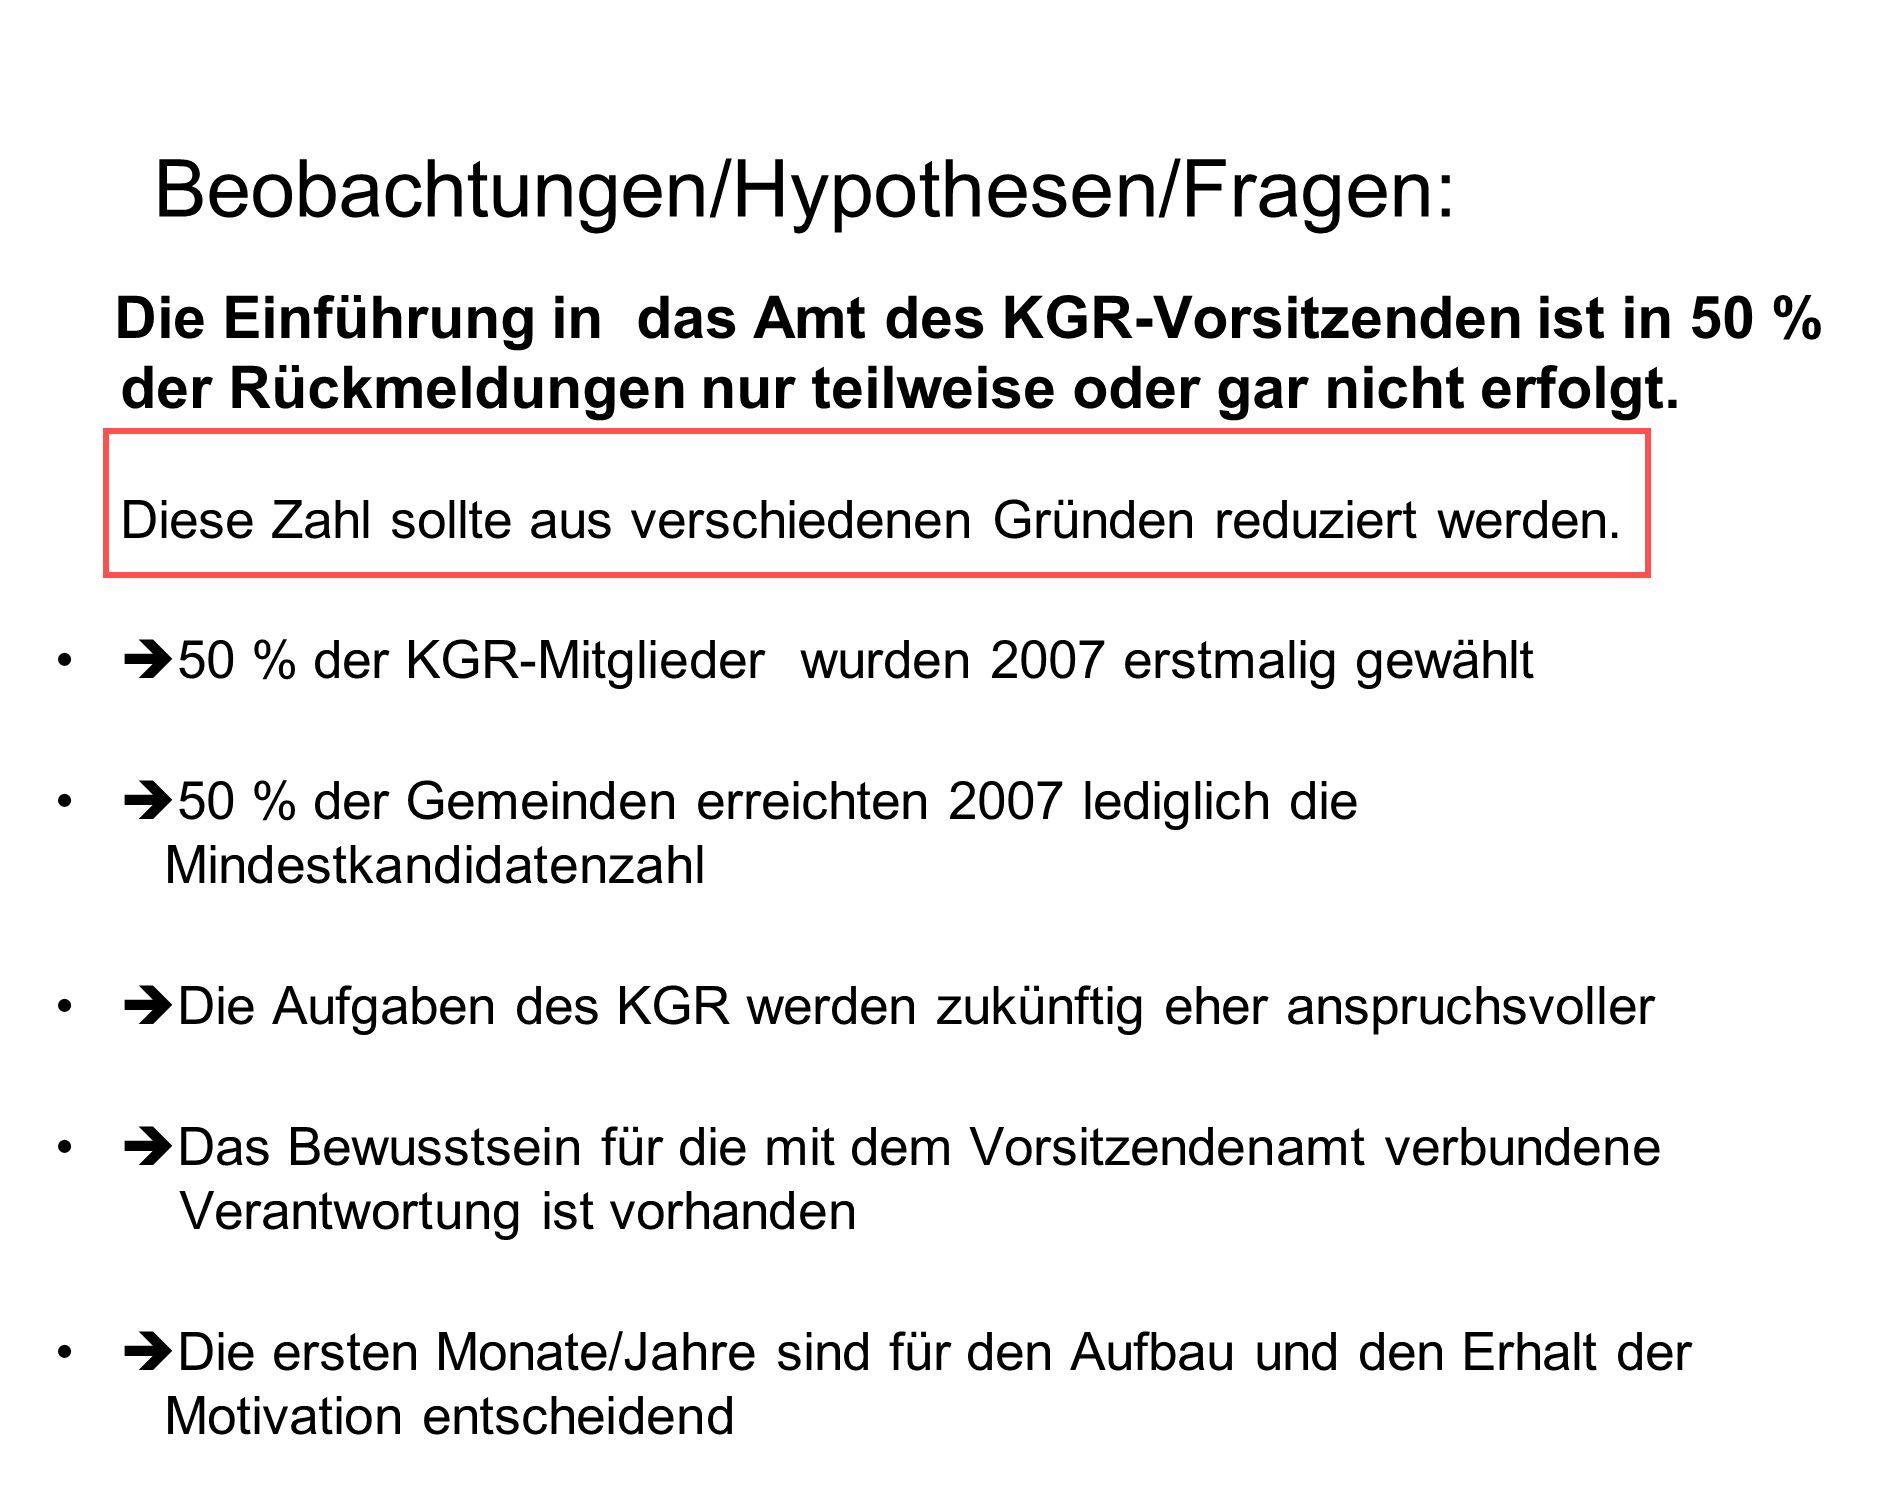 Beobachtungen/Hypothesen/Fragen: Die Einführung in das Amt des KGR-Vorsitzenden ist in 50 % der Rückmeldungen nur teilweise oder gar nicht erfolgt.